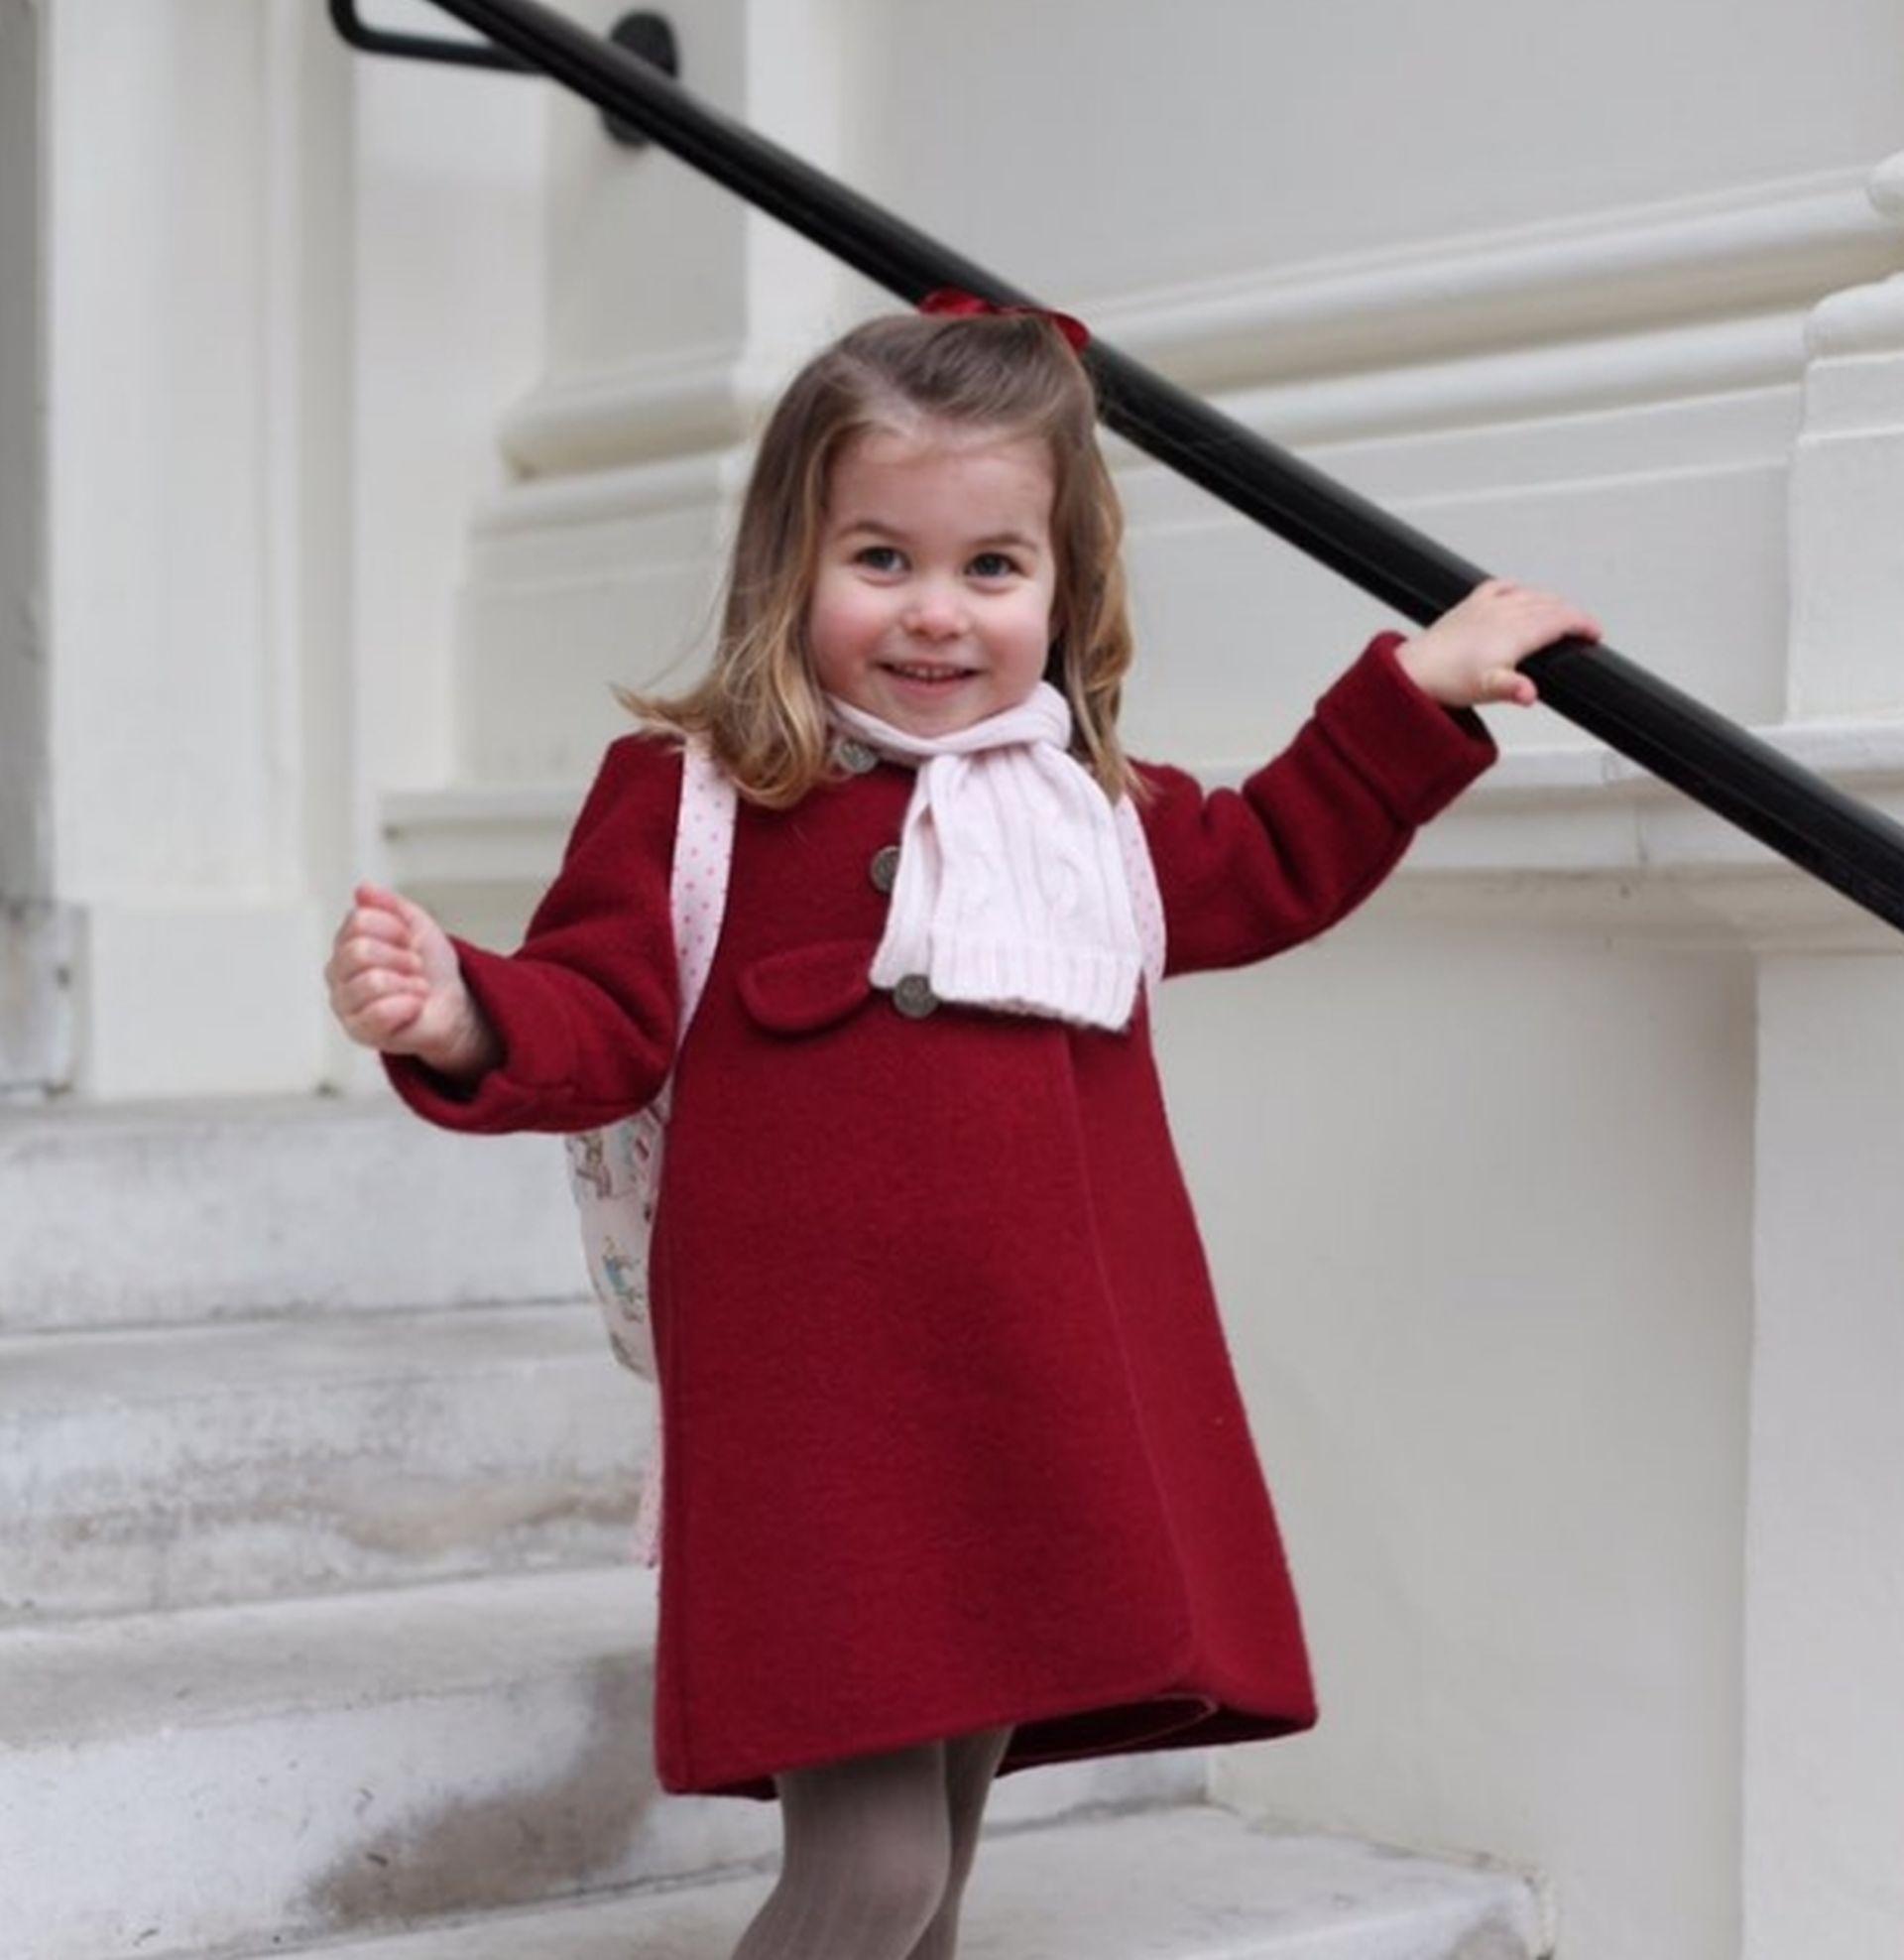 Princeza Charlotte krenula u vrtić